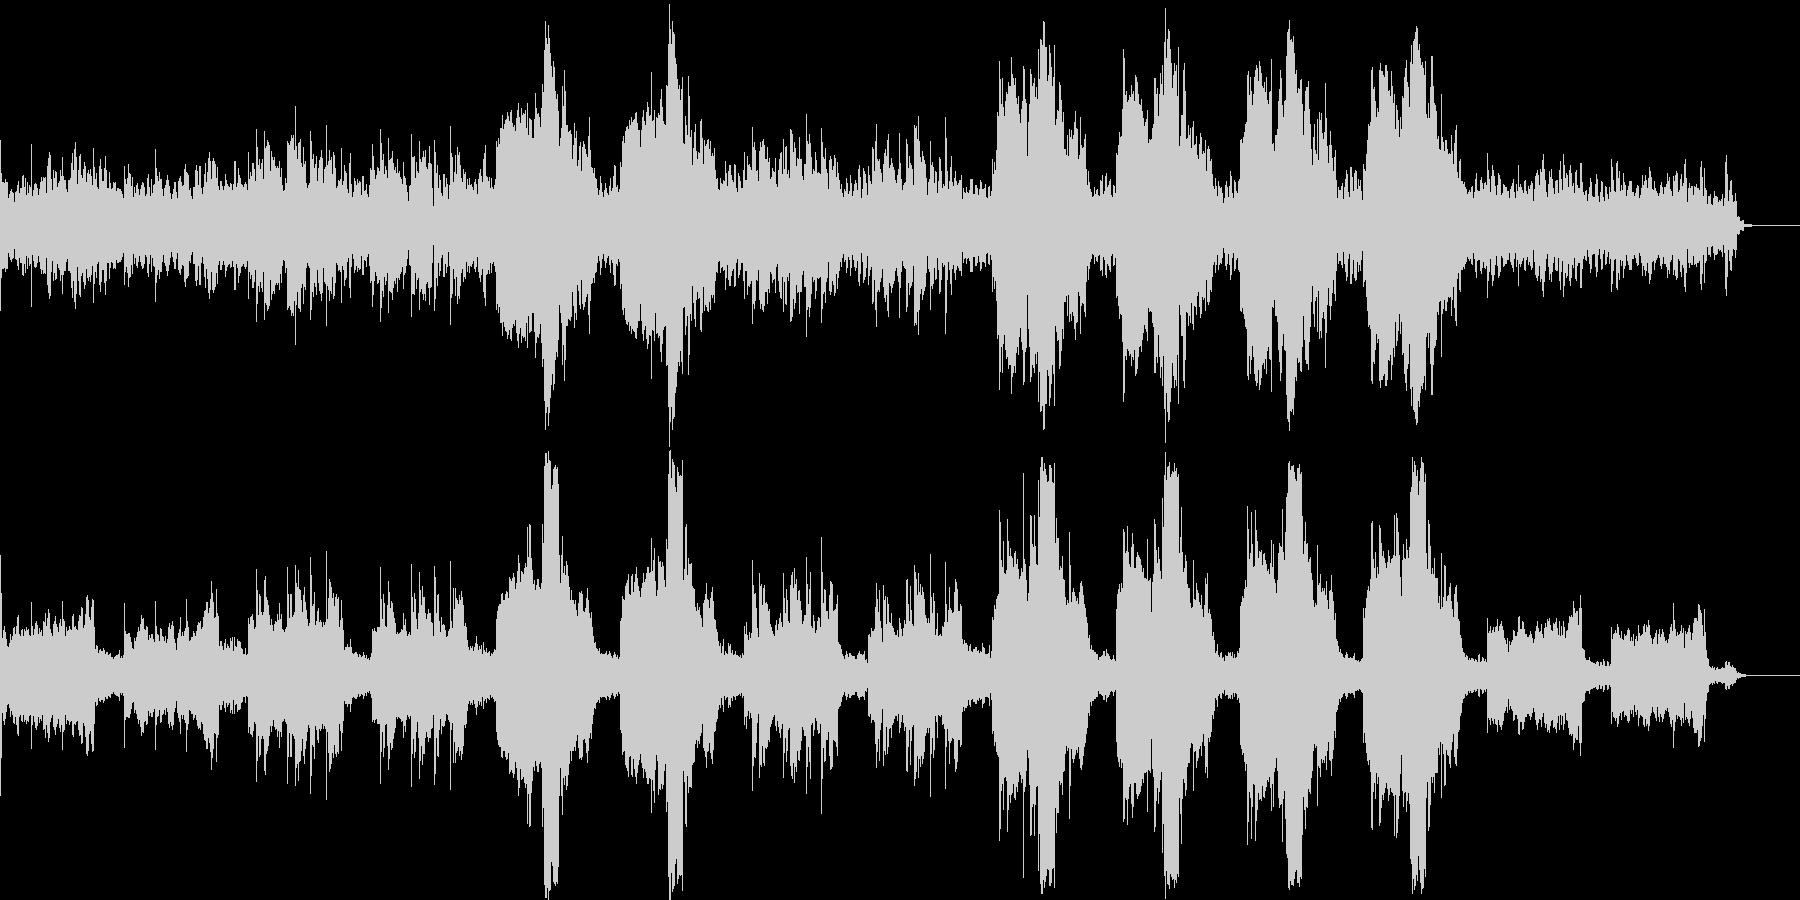 幻想的で美しいリラクゼーション曲の未再生の波形